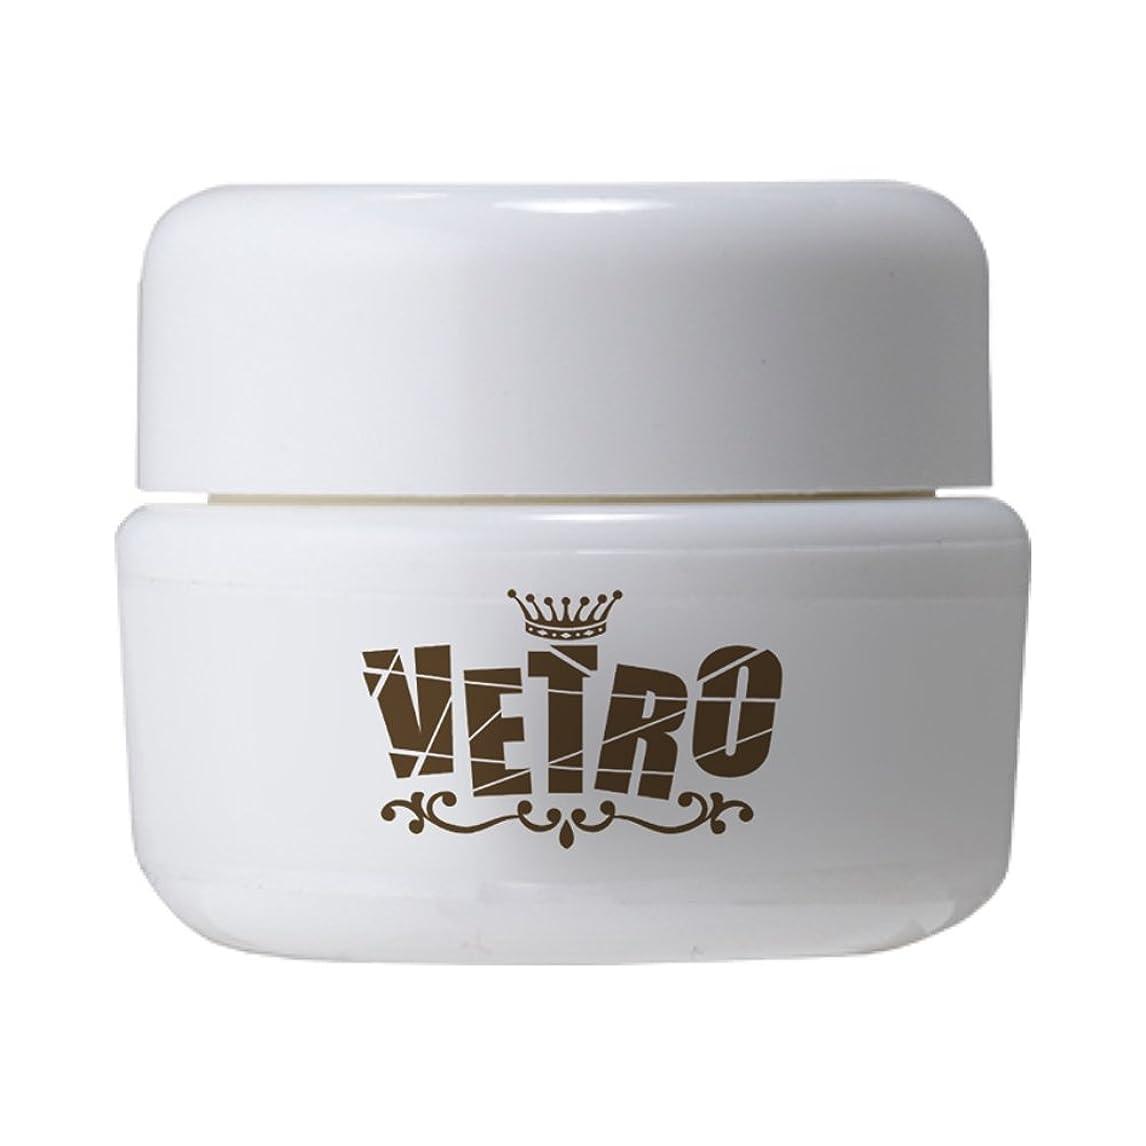 恥ずかしさ放棄された感覚VETRO カラージェル VL346 アポロ 4ml UV/LED対応 ソークオフジェル グリッター 偏光ピンクグリッター